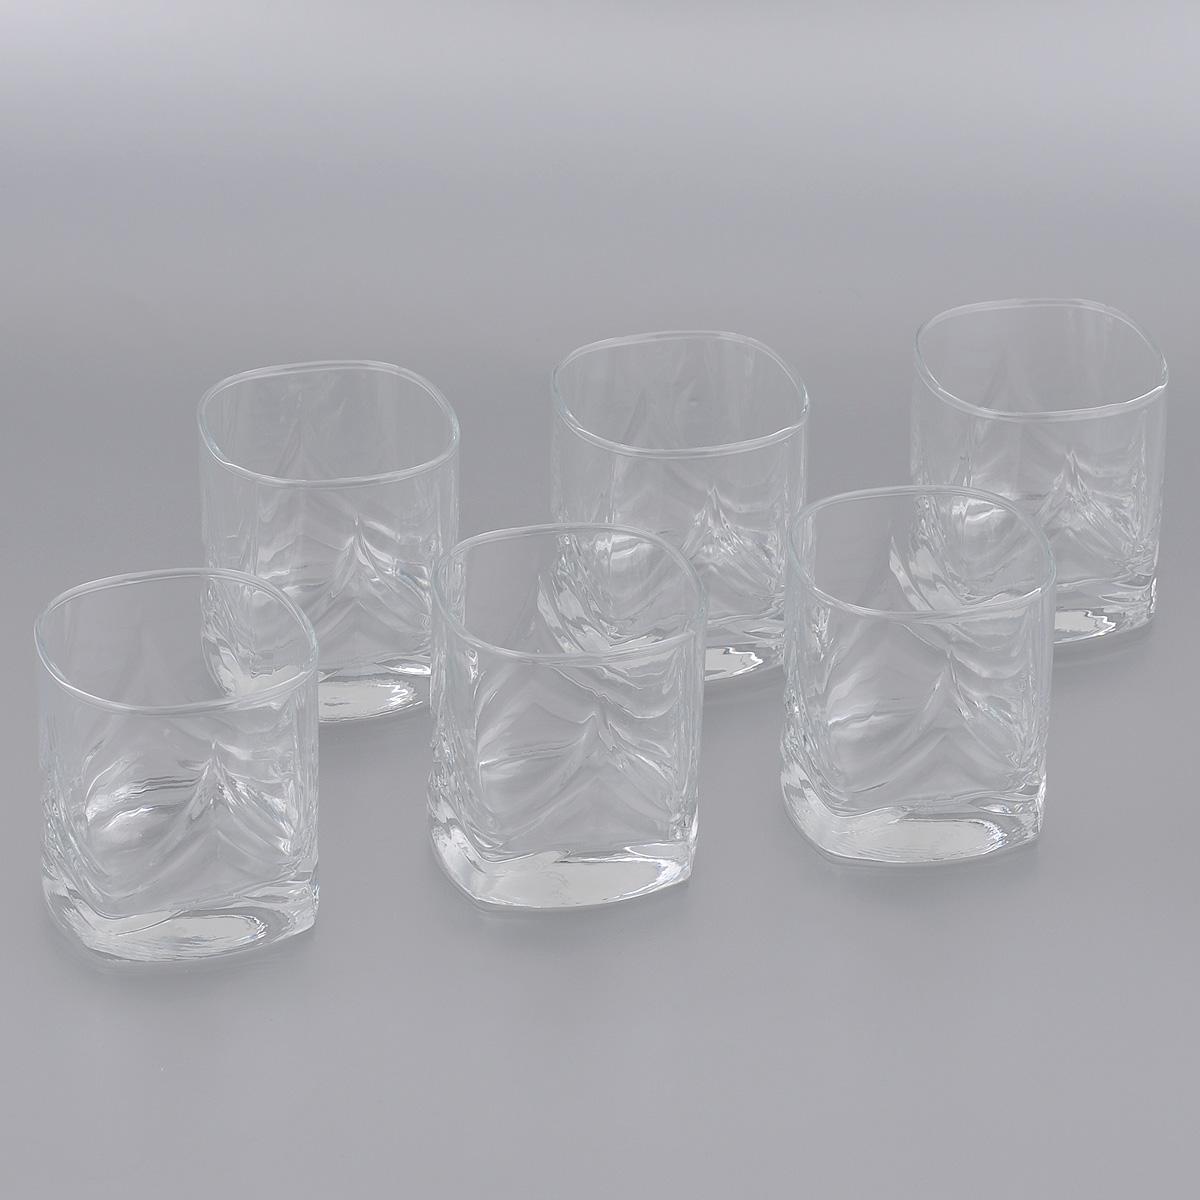 Набор стаканов Pasabahce Triumph, 200 мл, 6 шт41610BНабор Pasabahce Triumph, выполненный из высококачественного стекла, состоит из шести стаканов квадратной формы. Изделия, украшенные рельефным узором, прекрасно подойдут для подачи виски. Эстетичность, функциональность и изящный дизайн сделают набор достойным дополнением к вашему кухонному инвентарю. Набор стаканов Pasabahce Triumph украсит ваш стол и станет отличным подарком к любому празднику. Можно использовать в морозильной камере и микроволновой печи. Можно мыть в посудомоечной машине. Размер стакана по верхнему краю: 6,5 см х 6,5 см. Высота стакана: 7,5 см.